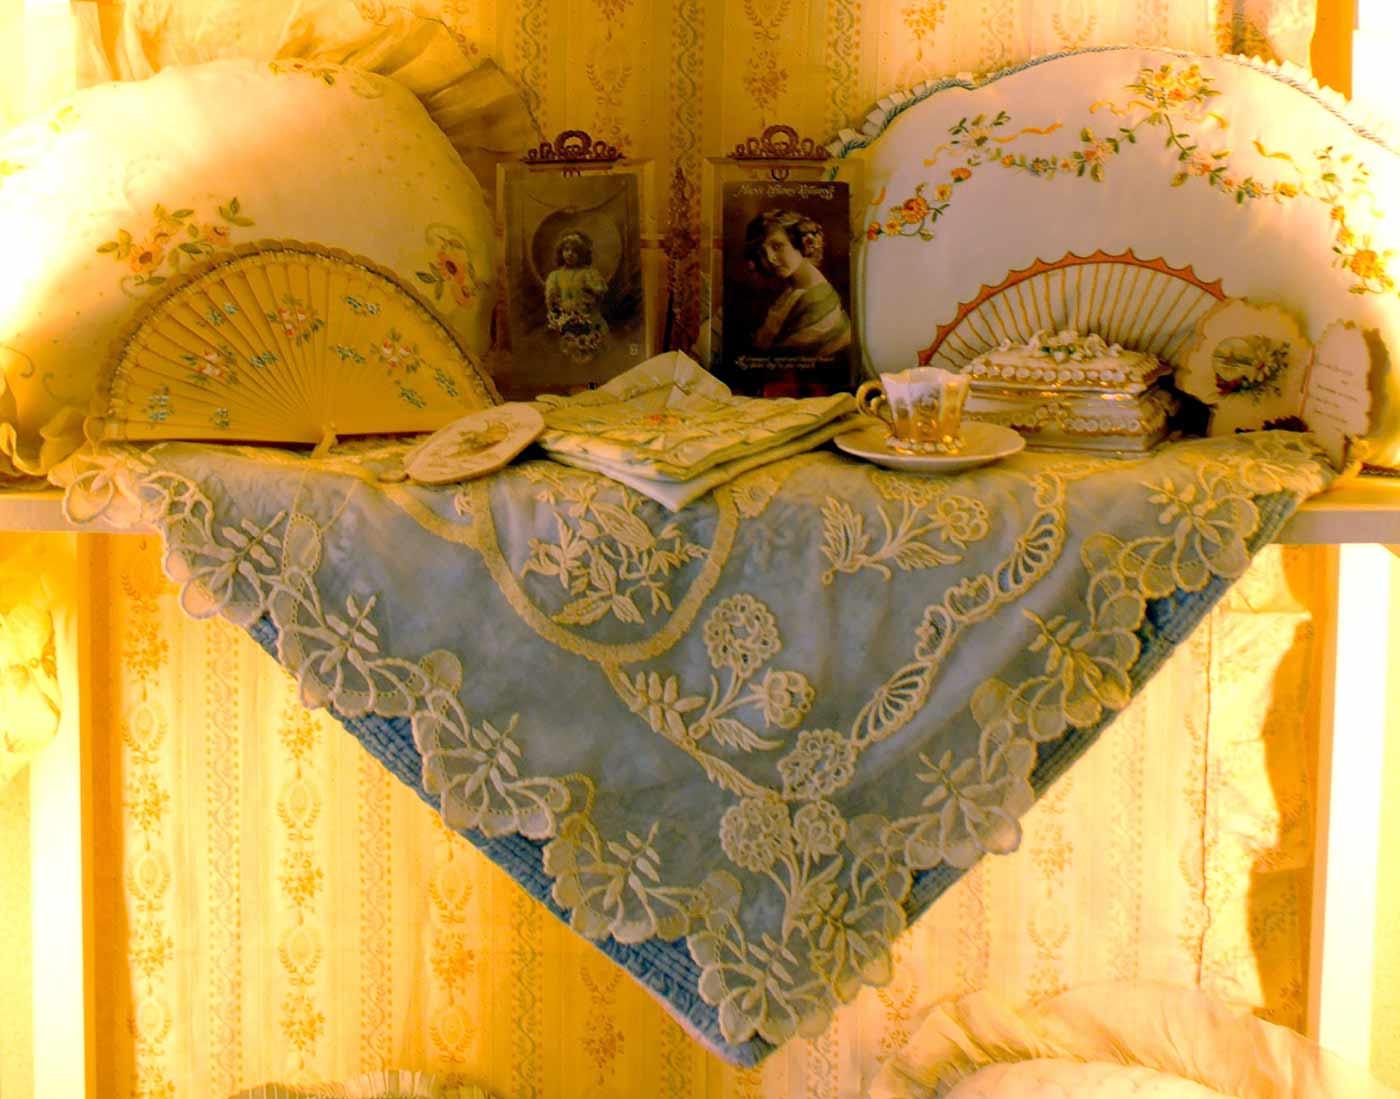 Antique pillows fan shape